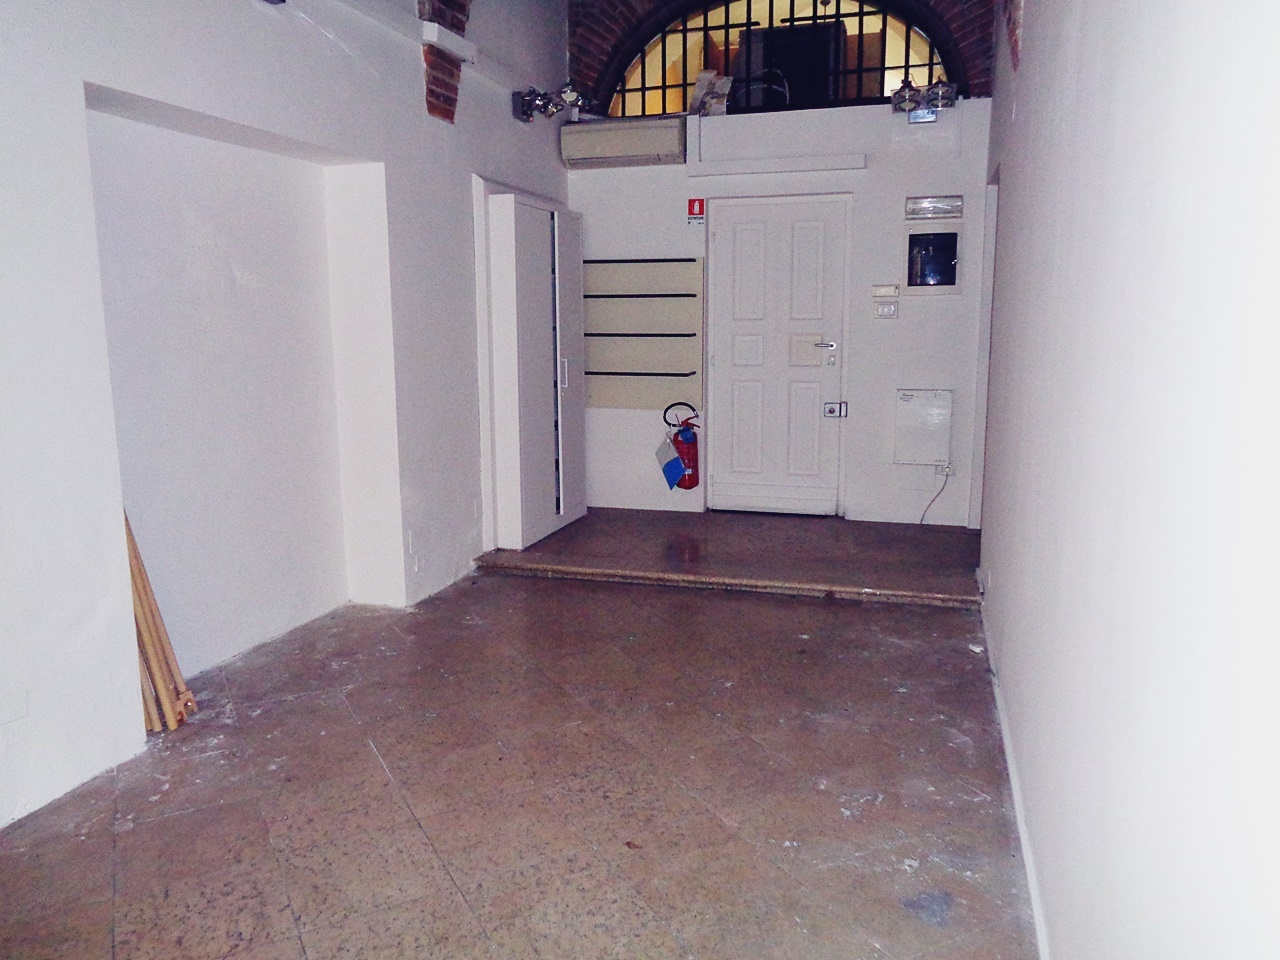 Locale commerciale - 1 Vetrina a Zona Centro, Brescia